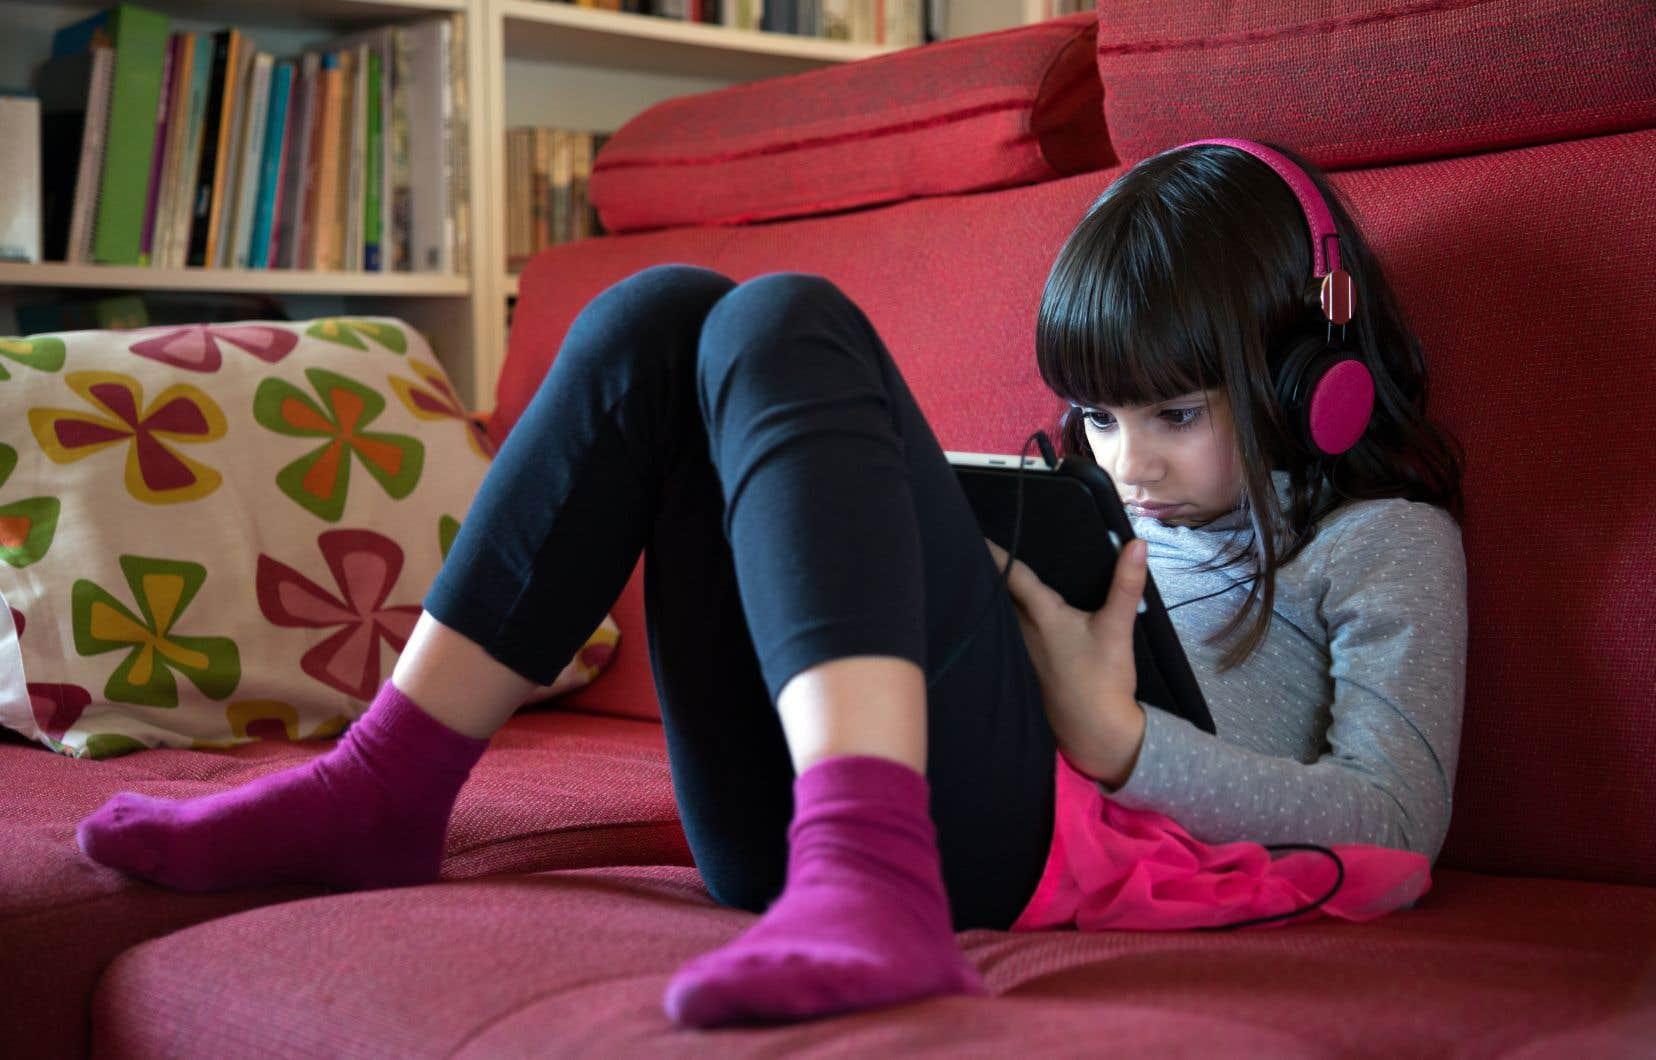 «Aux États-Unis, deux psychiatres ont publié des livres-chocs aux conclusions sans équivoque: les écrans ont des effets extrêmement nocifs sur le développement du cerveau des enfants et des adolescents», nous explique l'auteure.